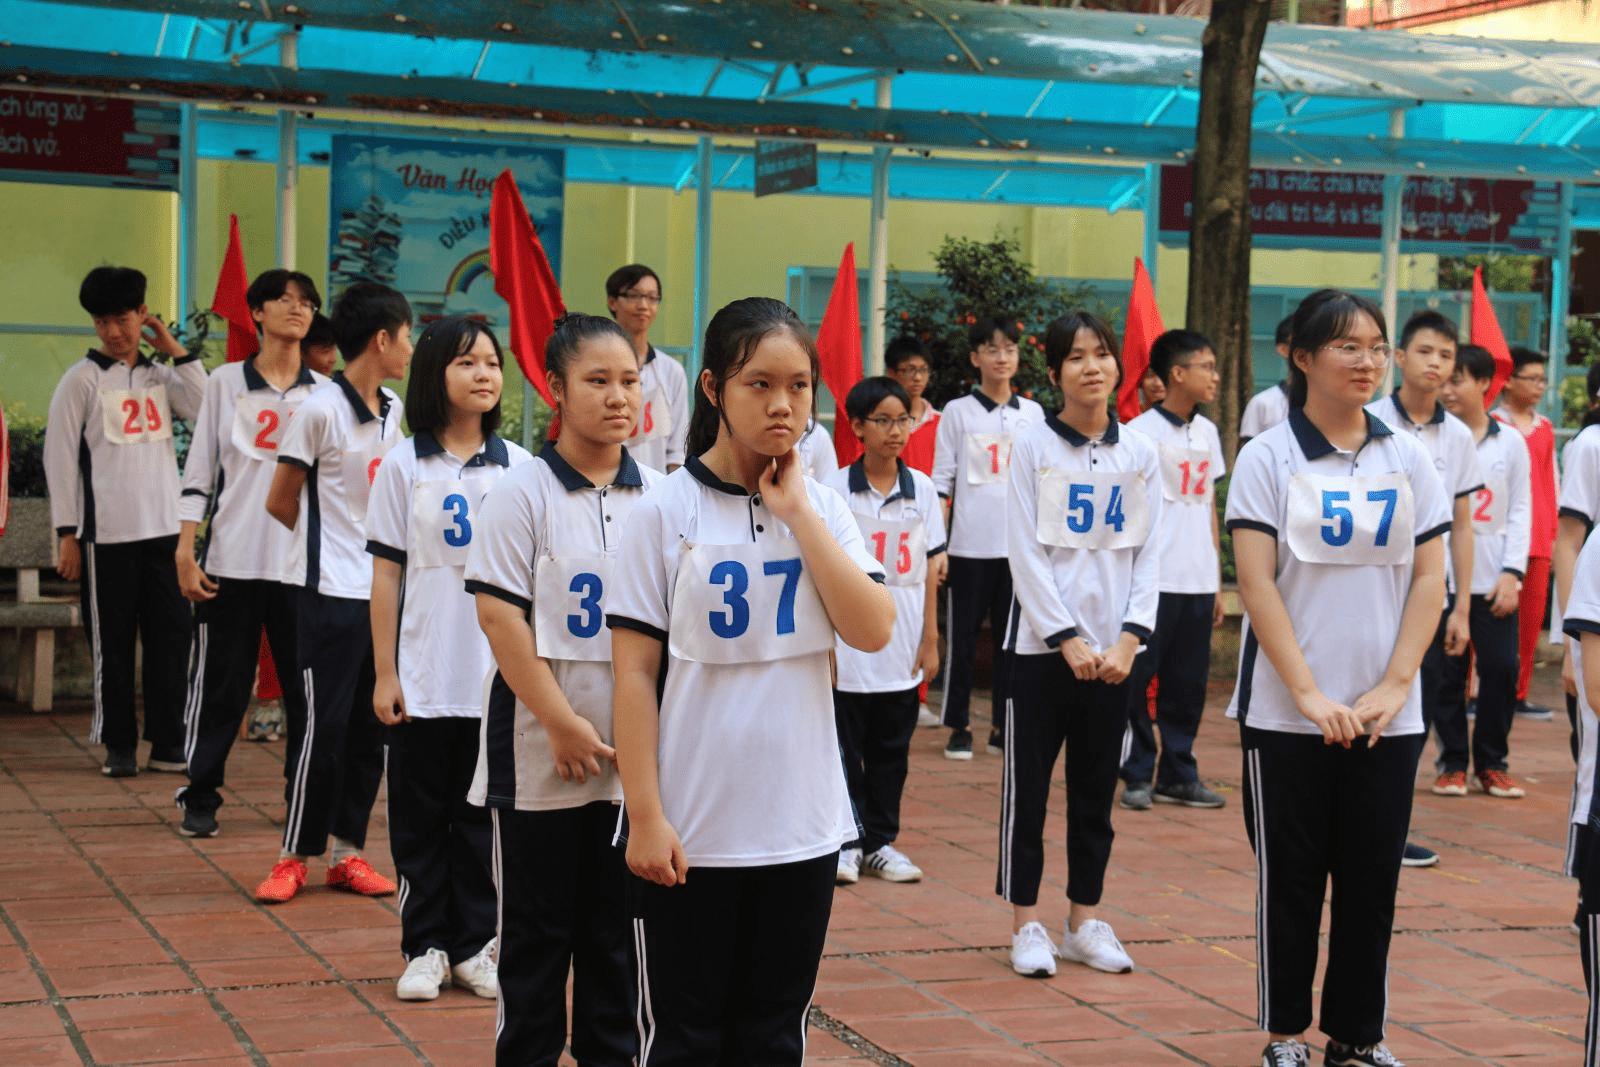 Trường THCS Vân Hồ hưởng ứng giải chạy báo Hà Nội Mới